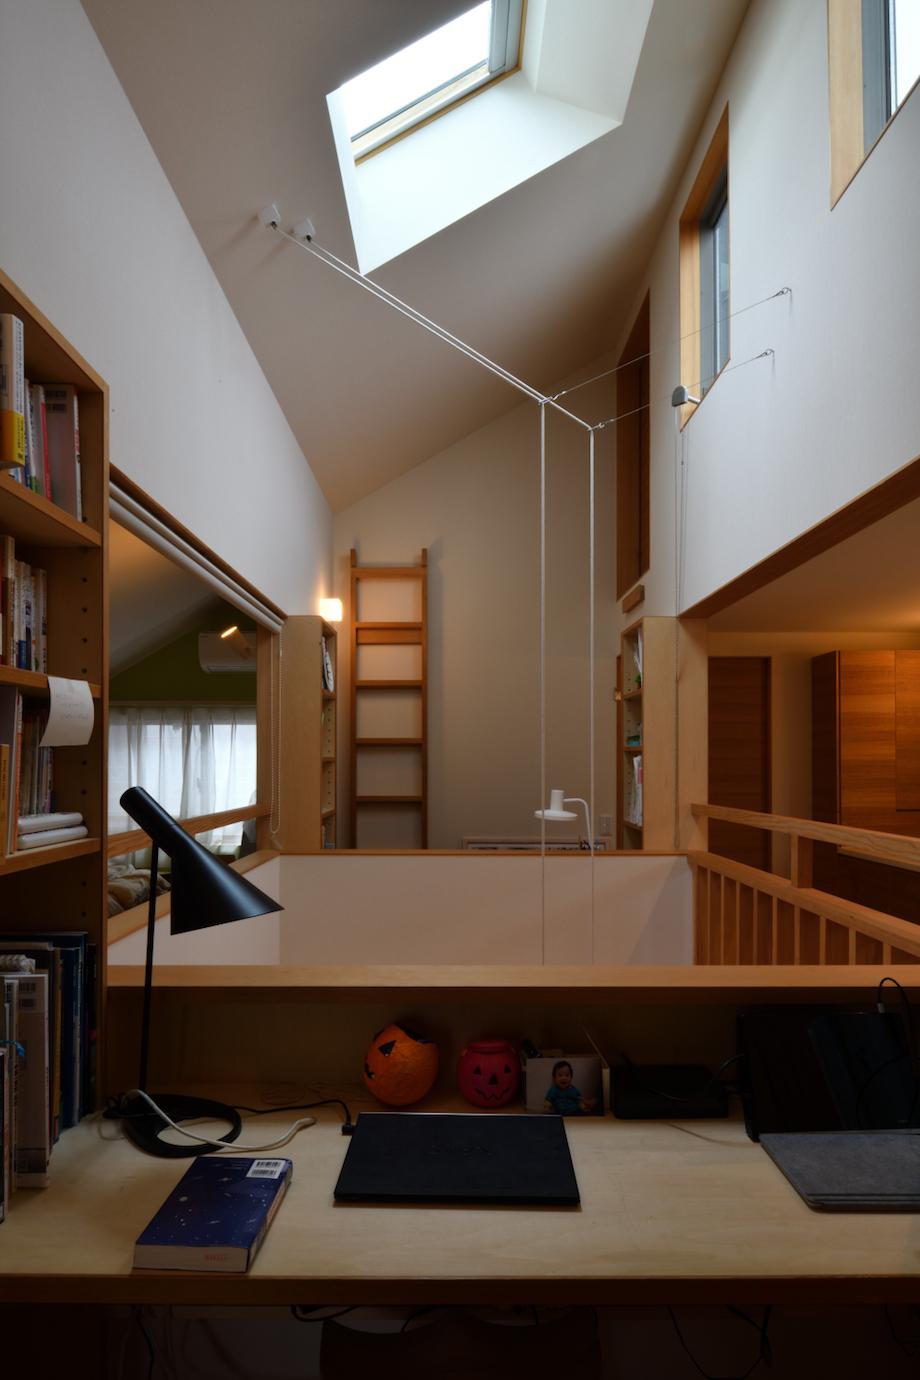 リビングデザインセンターOZONE「OZONEが考える『New Normal』な暮らし展」